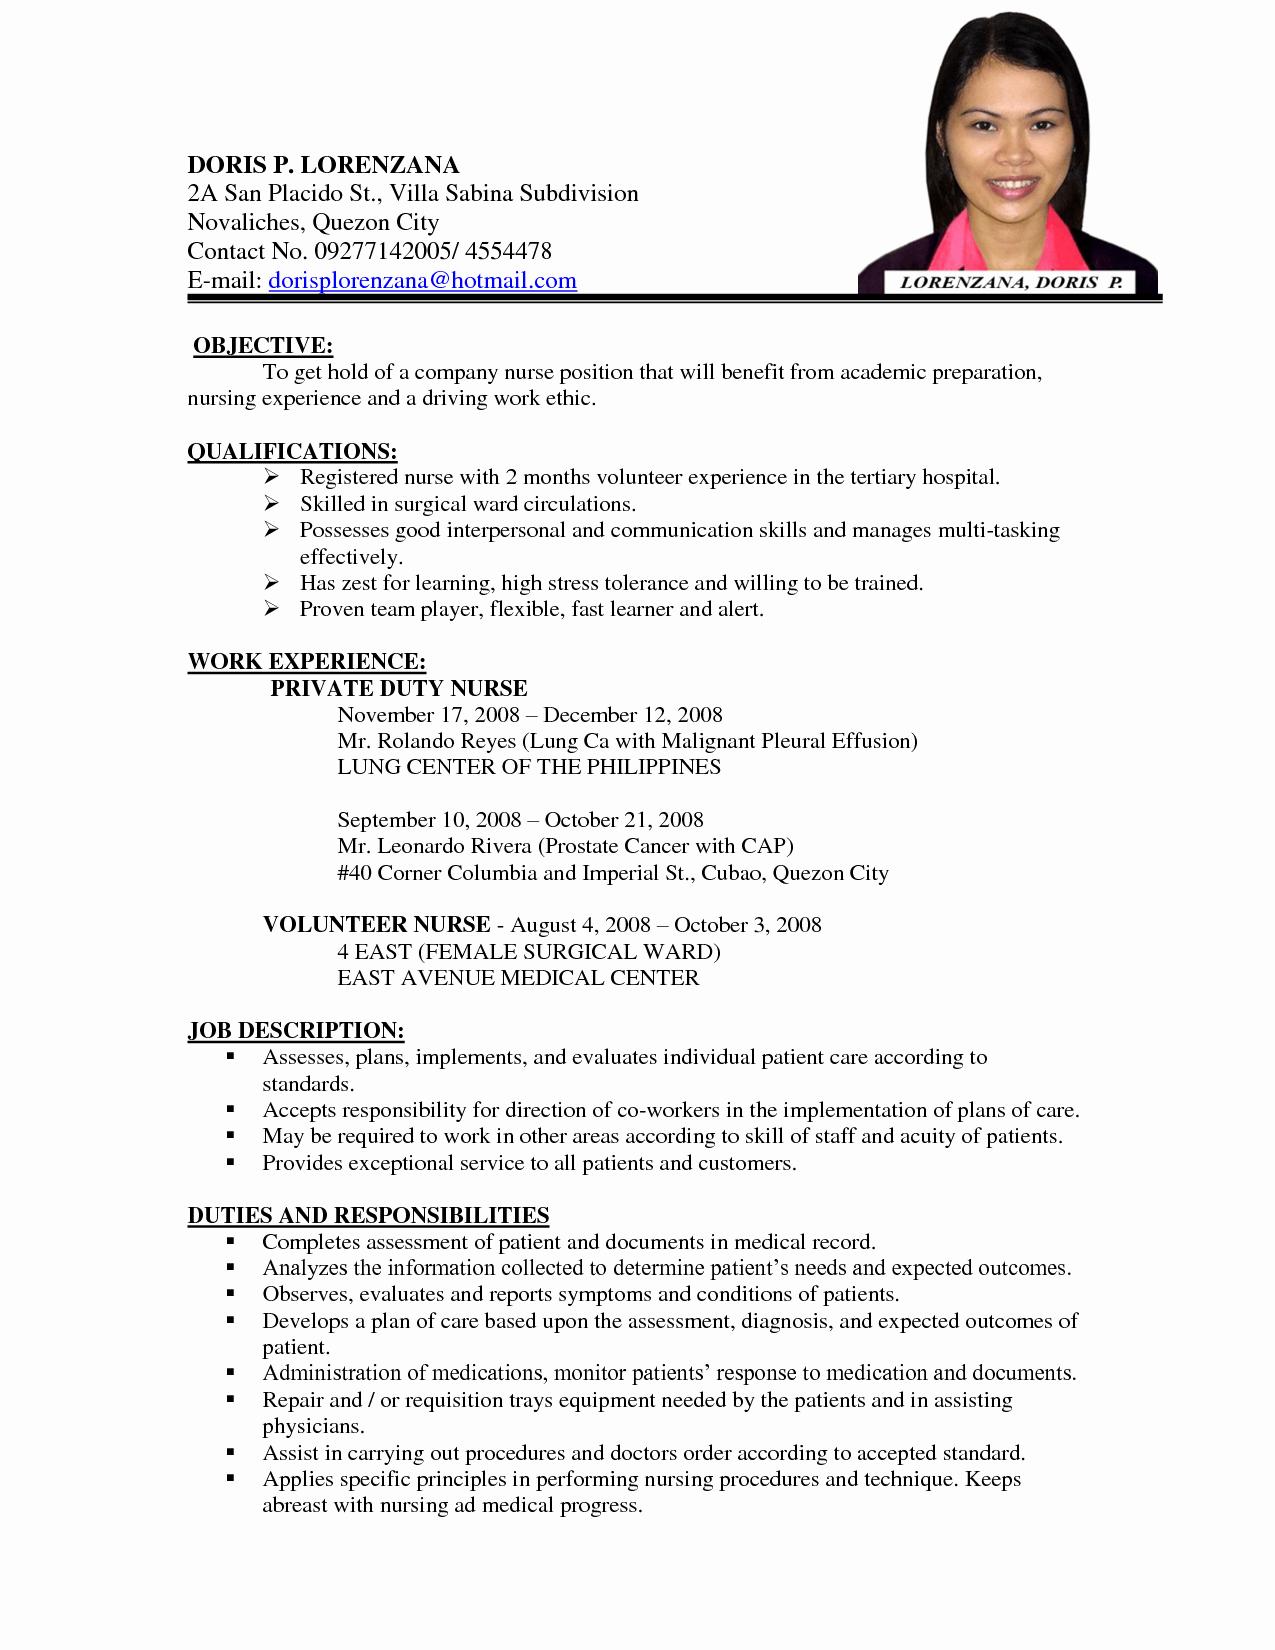 Curriculum Vitae Nursing Template Elegant Image Result for Curriculum Vitae format for A Nurse